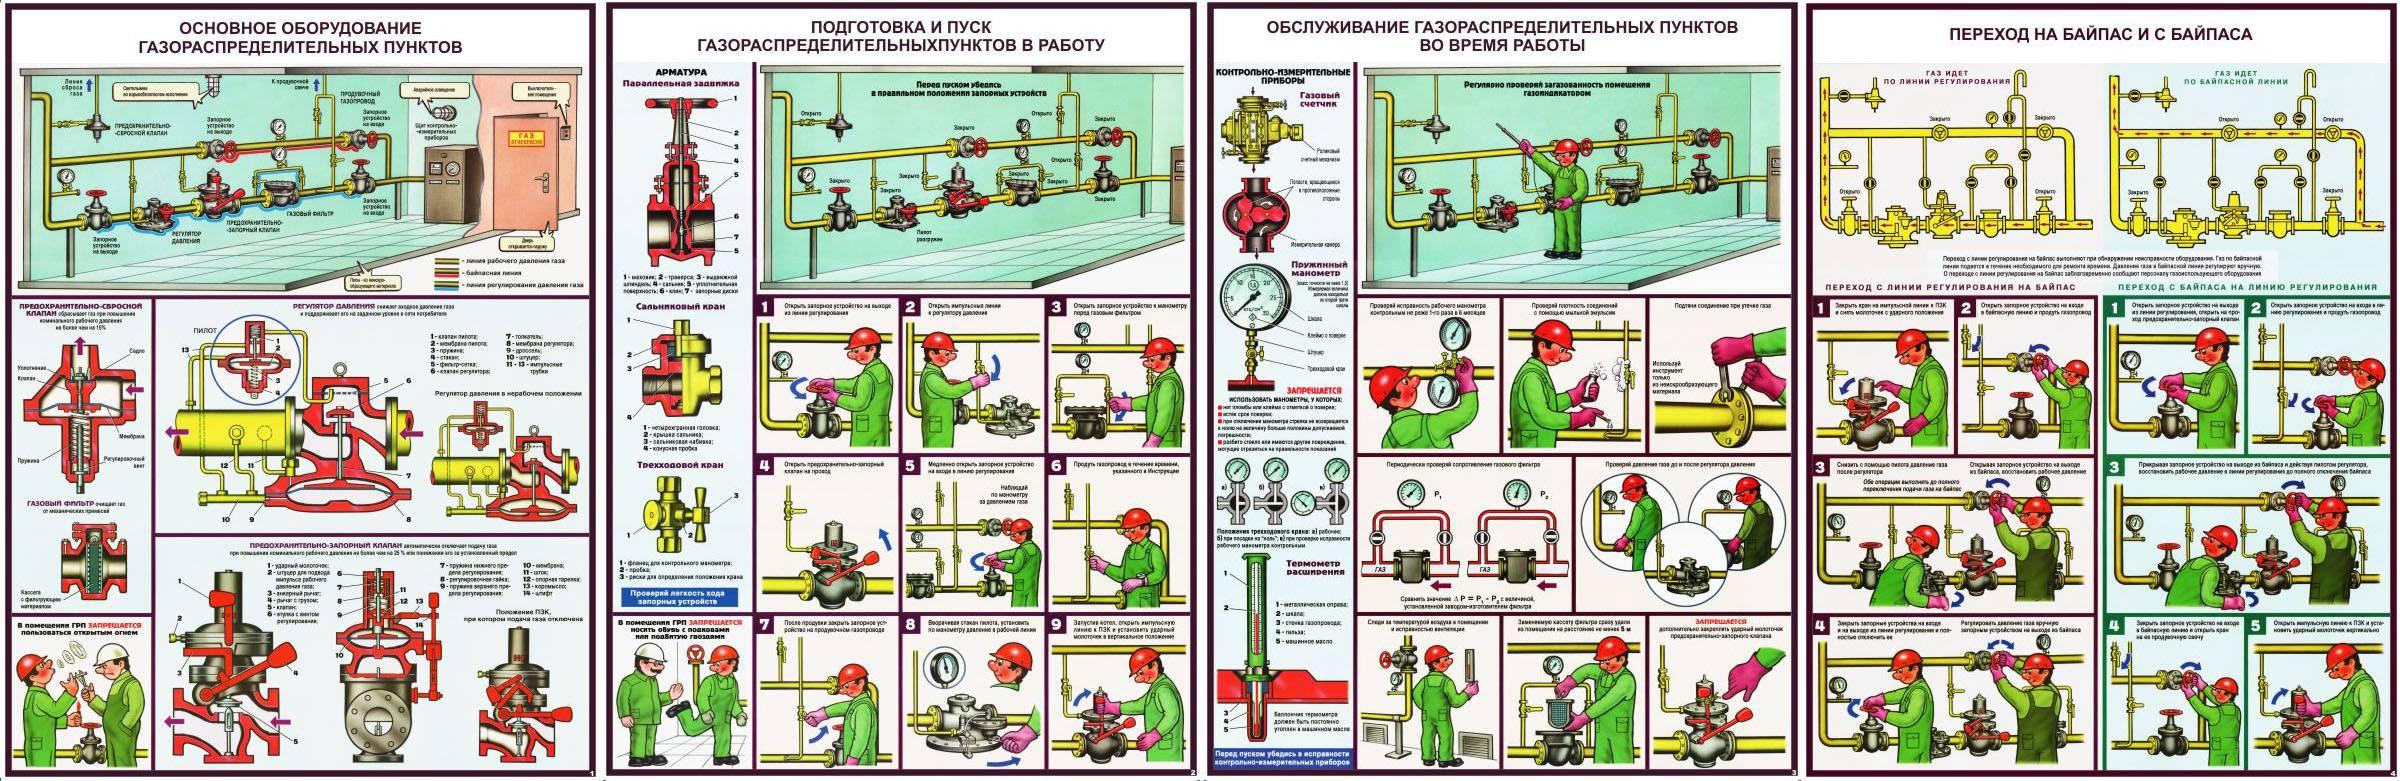 Замена газового шланга своими руками: правила проведения монтажных работ